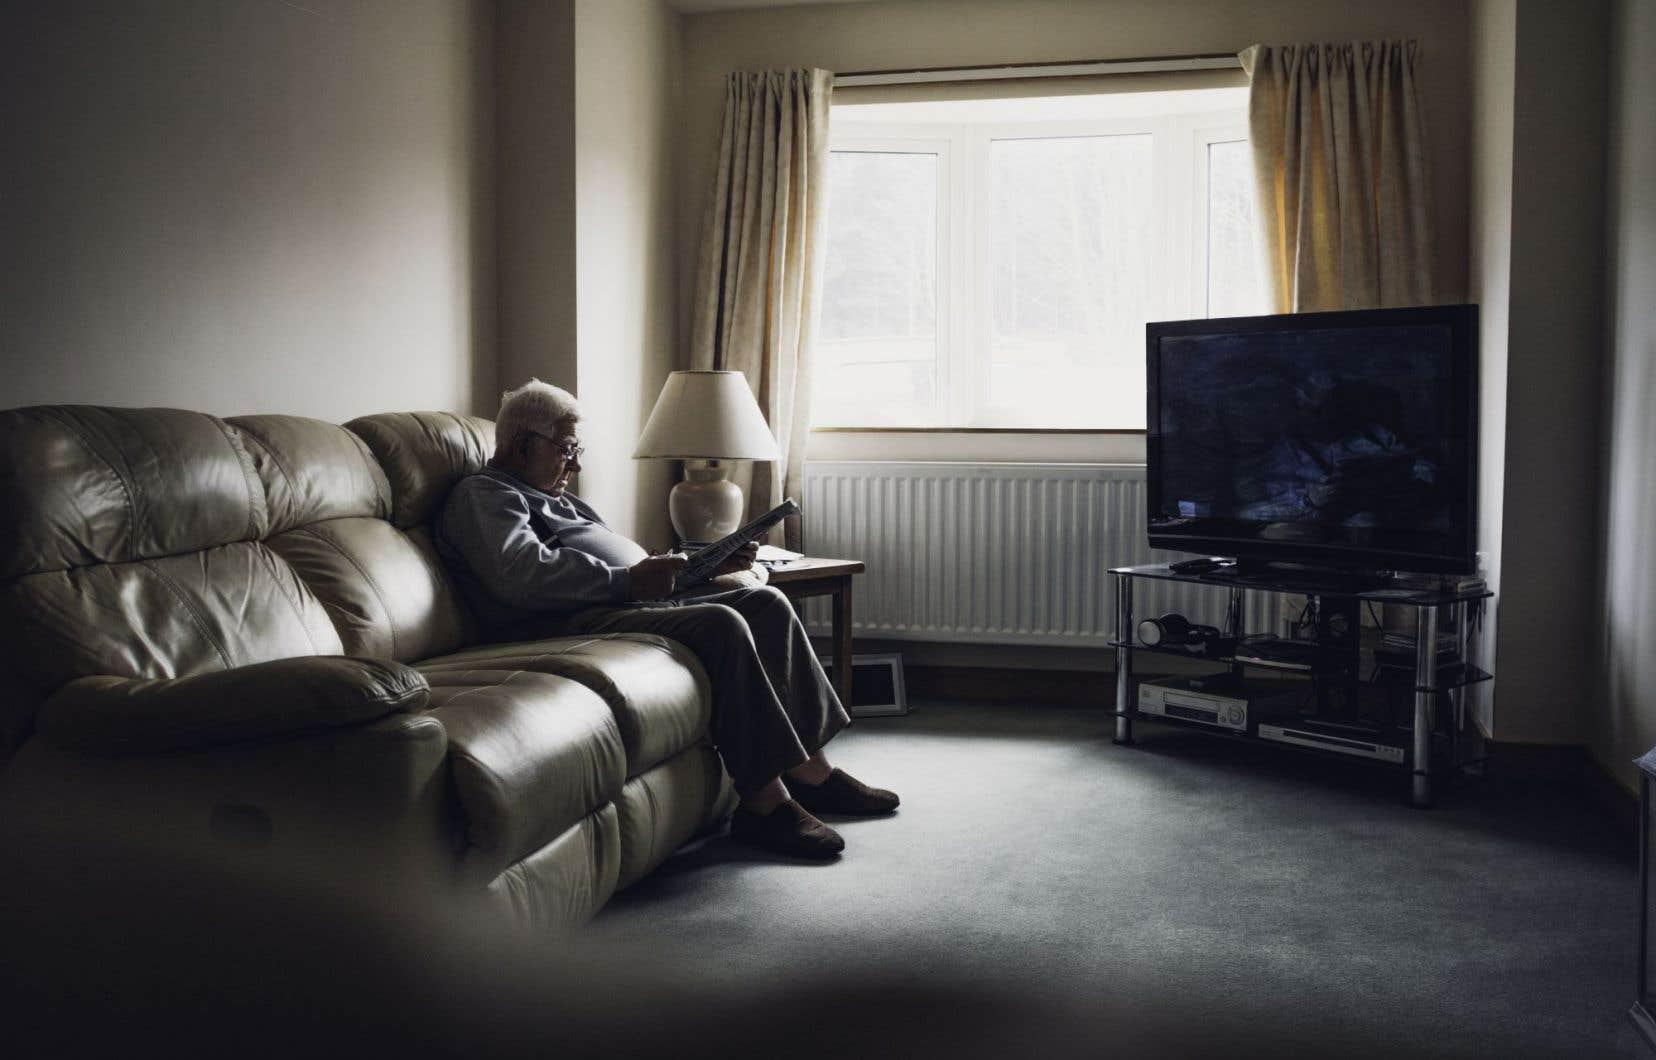 «Les propriétaires n'avaient pas et n'ont toujours pas de préjugés défavorables envers les aînés, une clientèle appréciée», écrit Hans Brouillette.